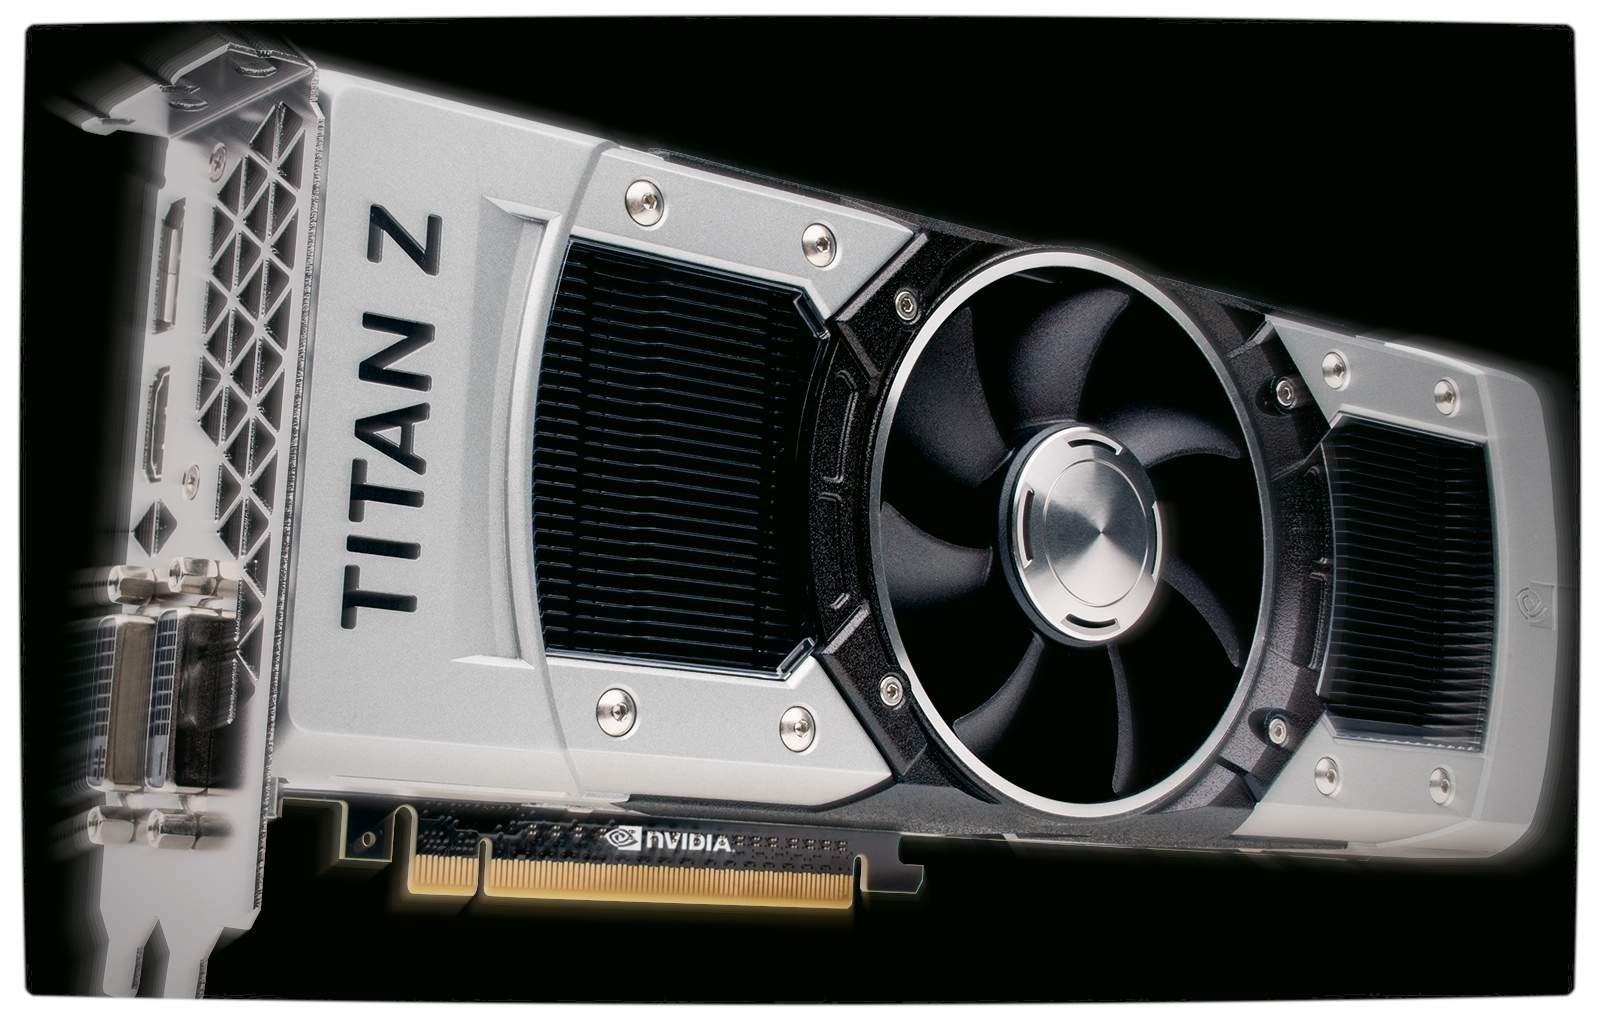 Vamers - FYI - Gadgetology - Nvidia Introduces the GTX Titan Z- A Dual-GPU 5K Gaming Powerhouse - GeForce Titan Z